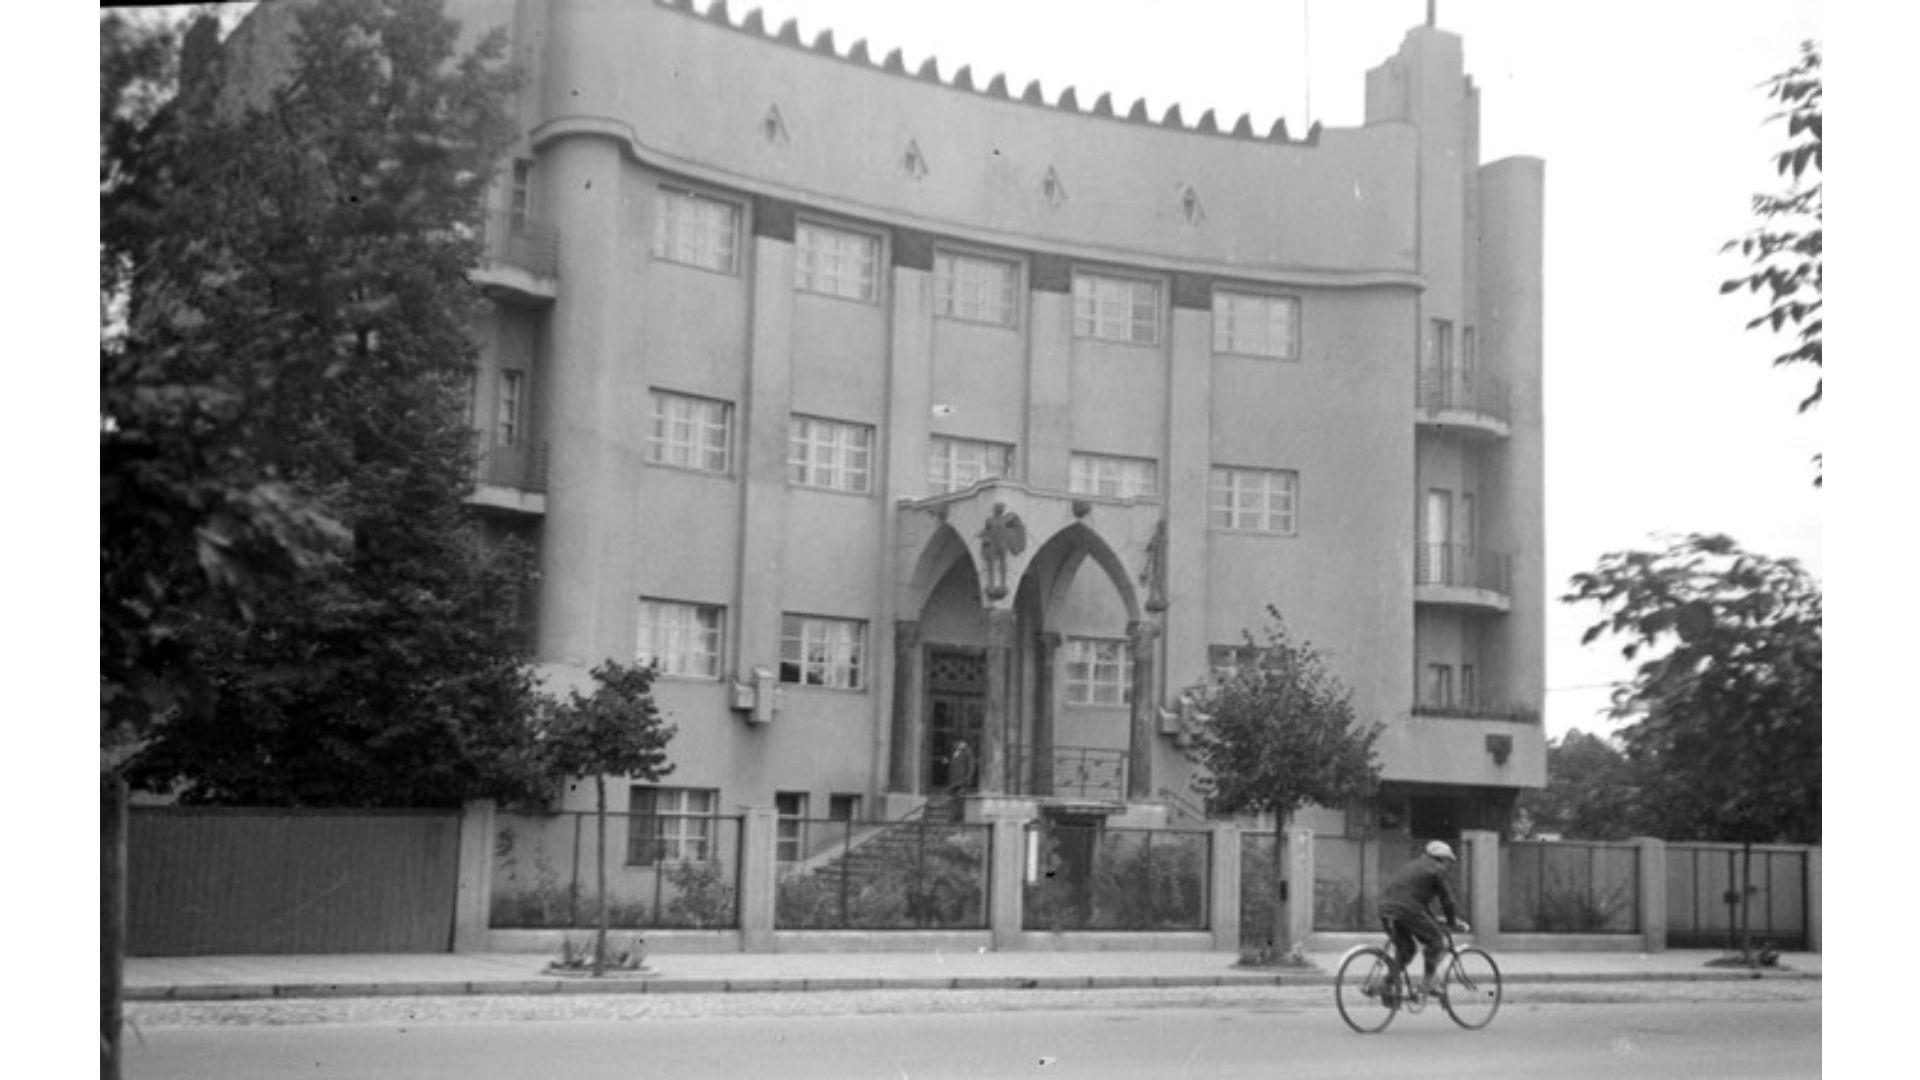 peras posvianskio ir kliso namas vytauto 58